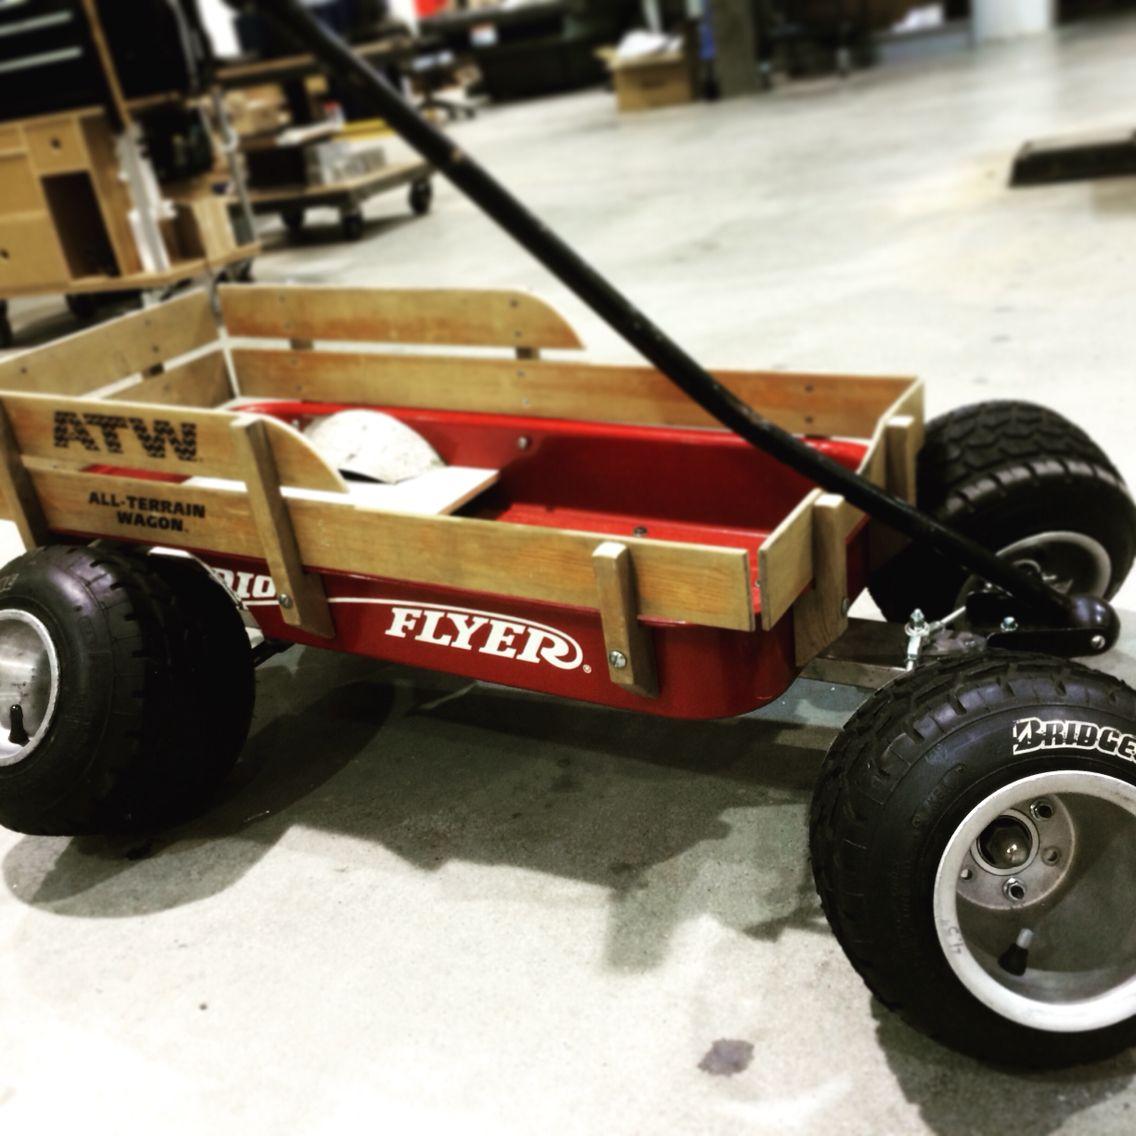 Slammed wagon, stanced radio flyer smoozy Toy car